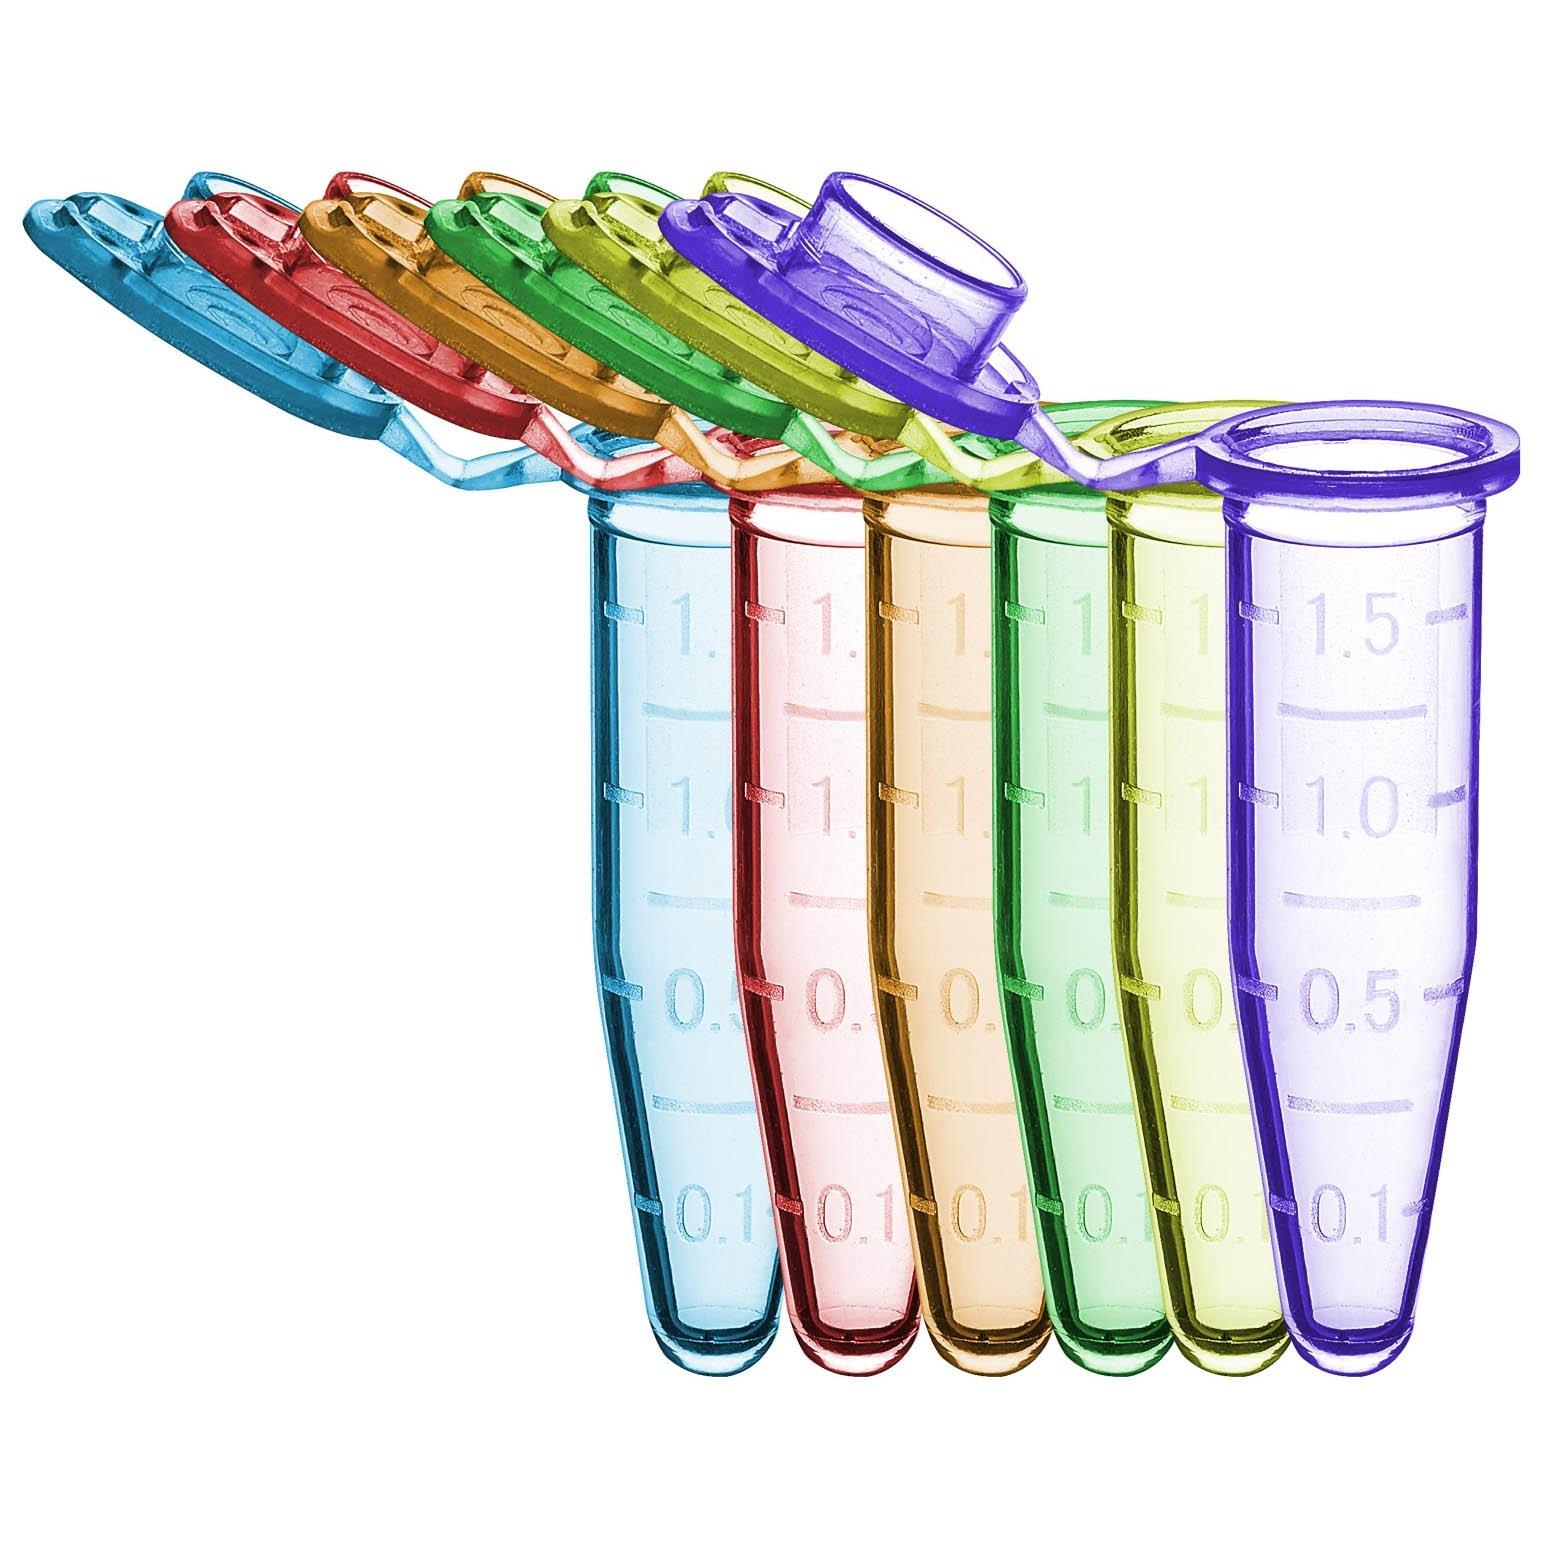 SureSeal S 1.5mL Sterile Microcentrifuge Tube - Assorted Colors (500 Tubes & 10 Stop-Pops/Bag, 1 Bag/Pack) - BACKORDER UNTIL 10/01/2021